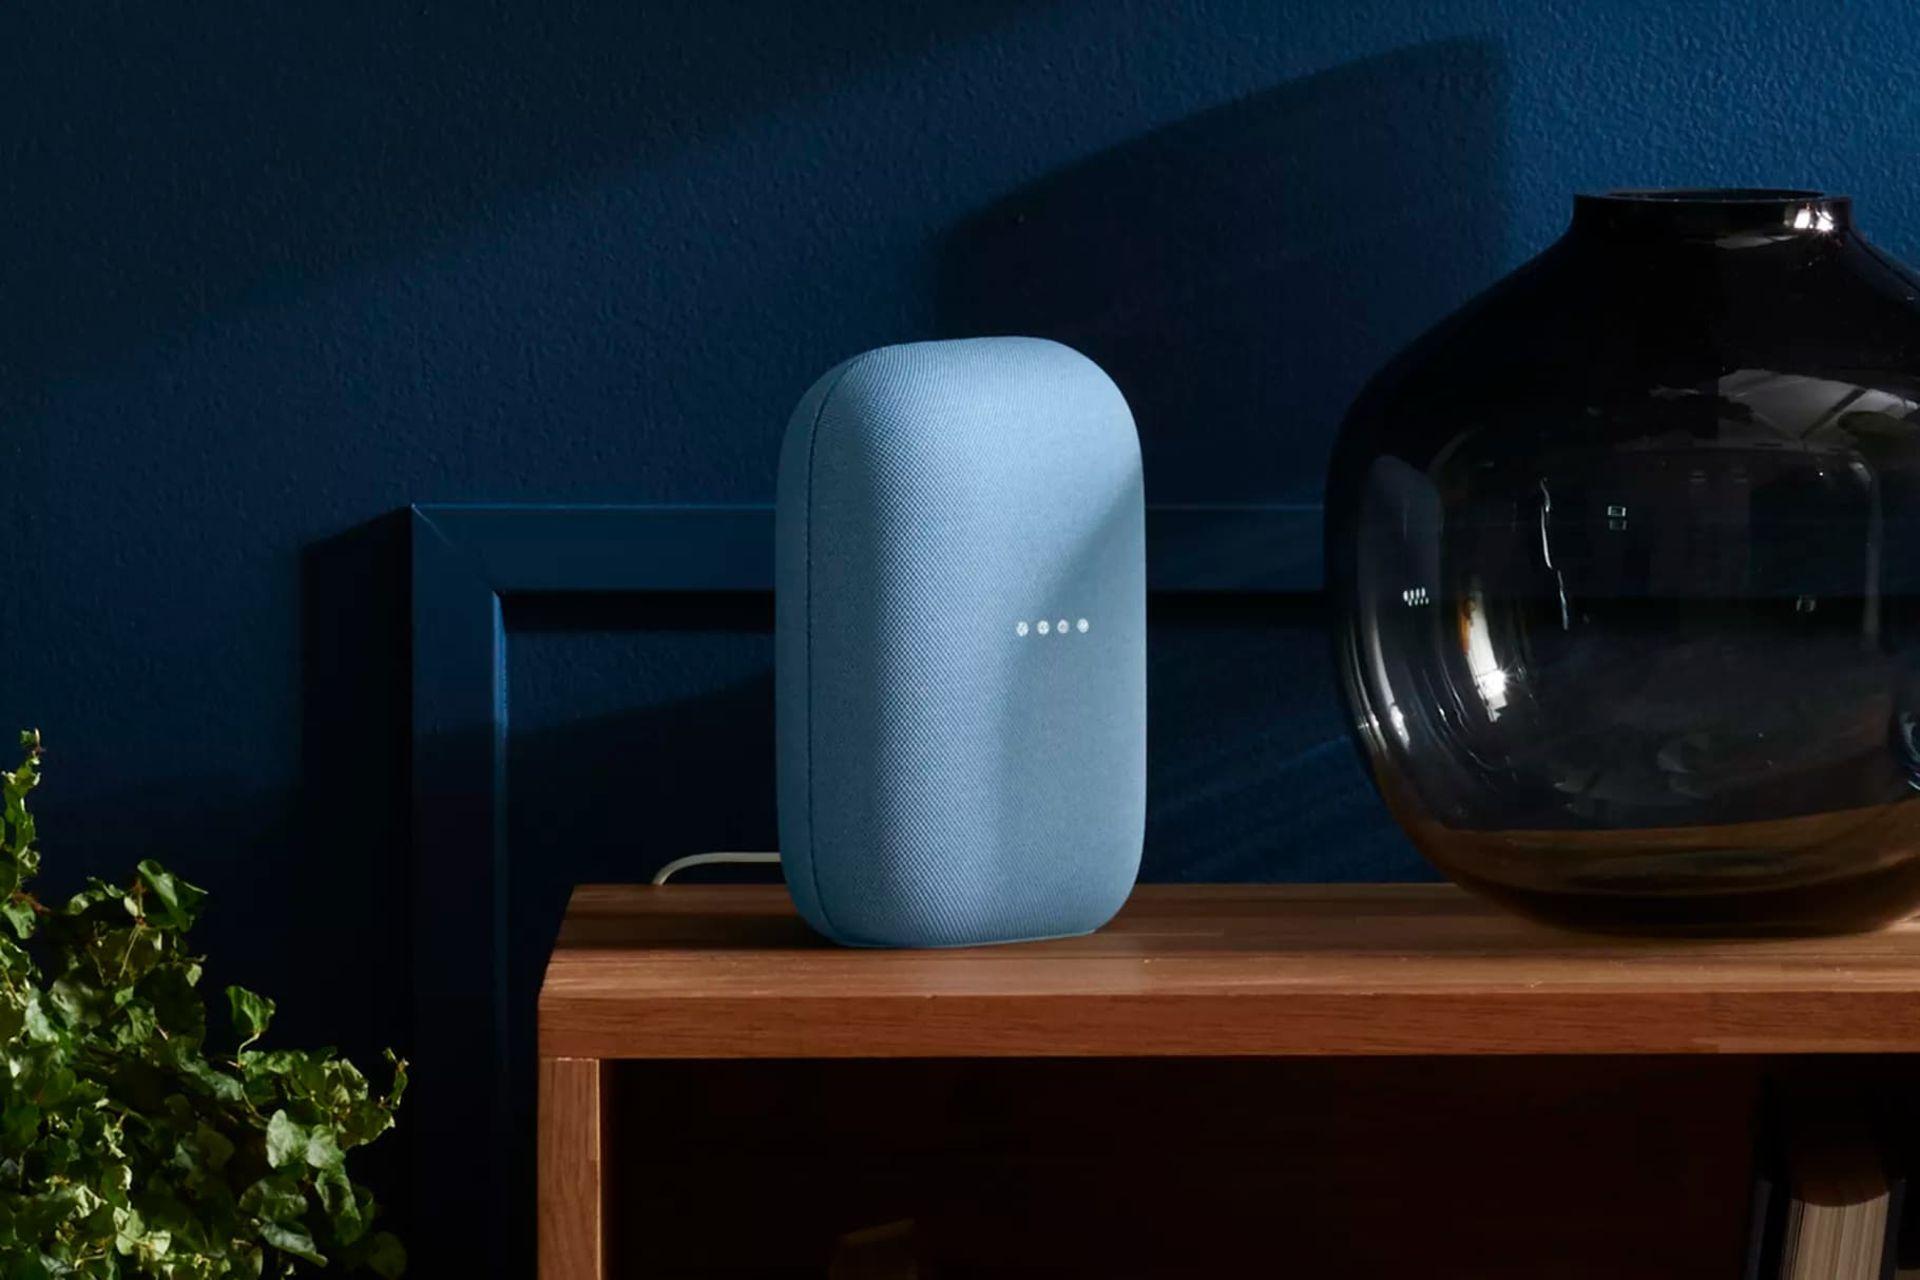 Google visar upp ny Nest-högtalare